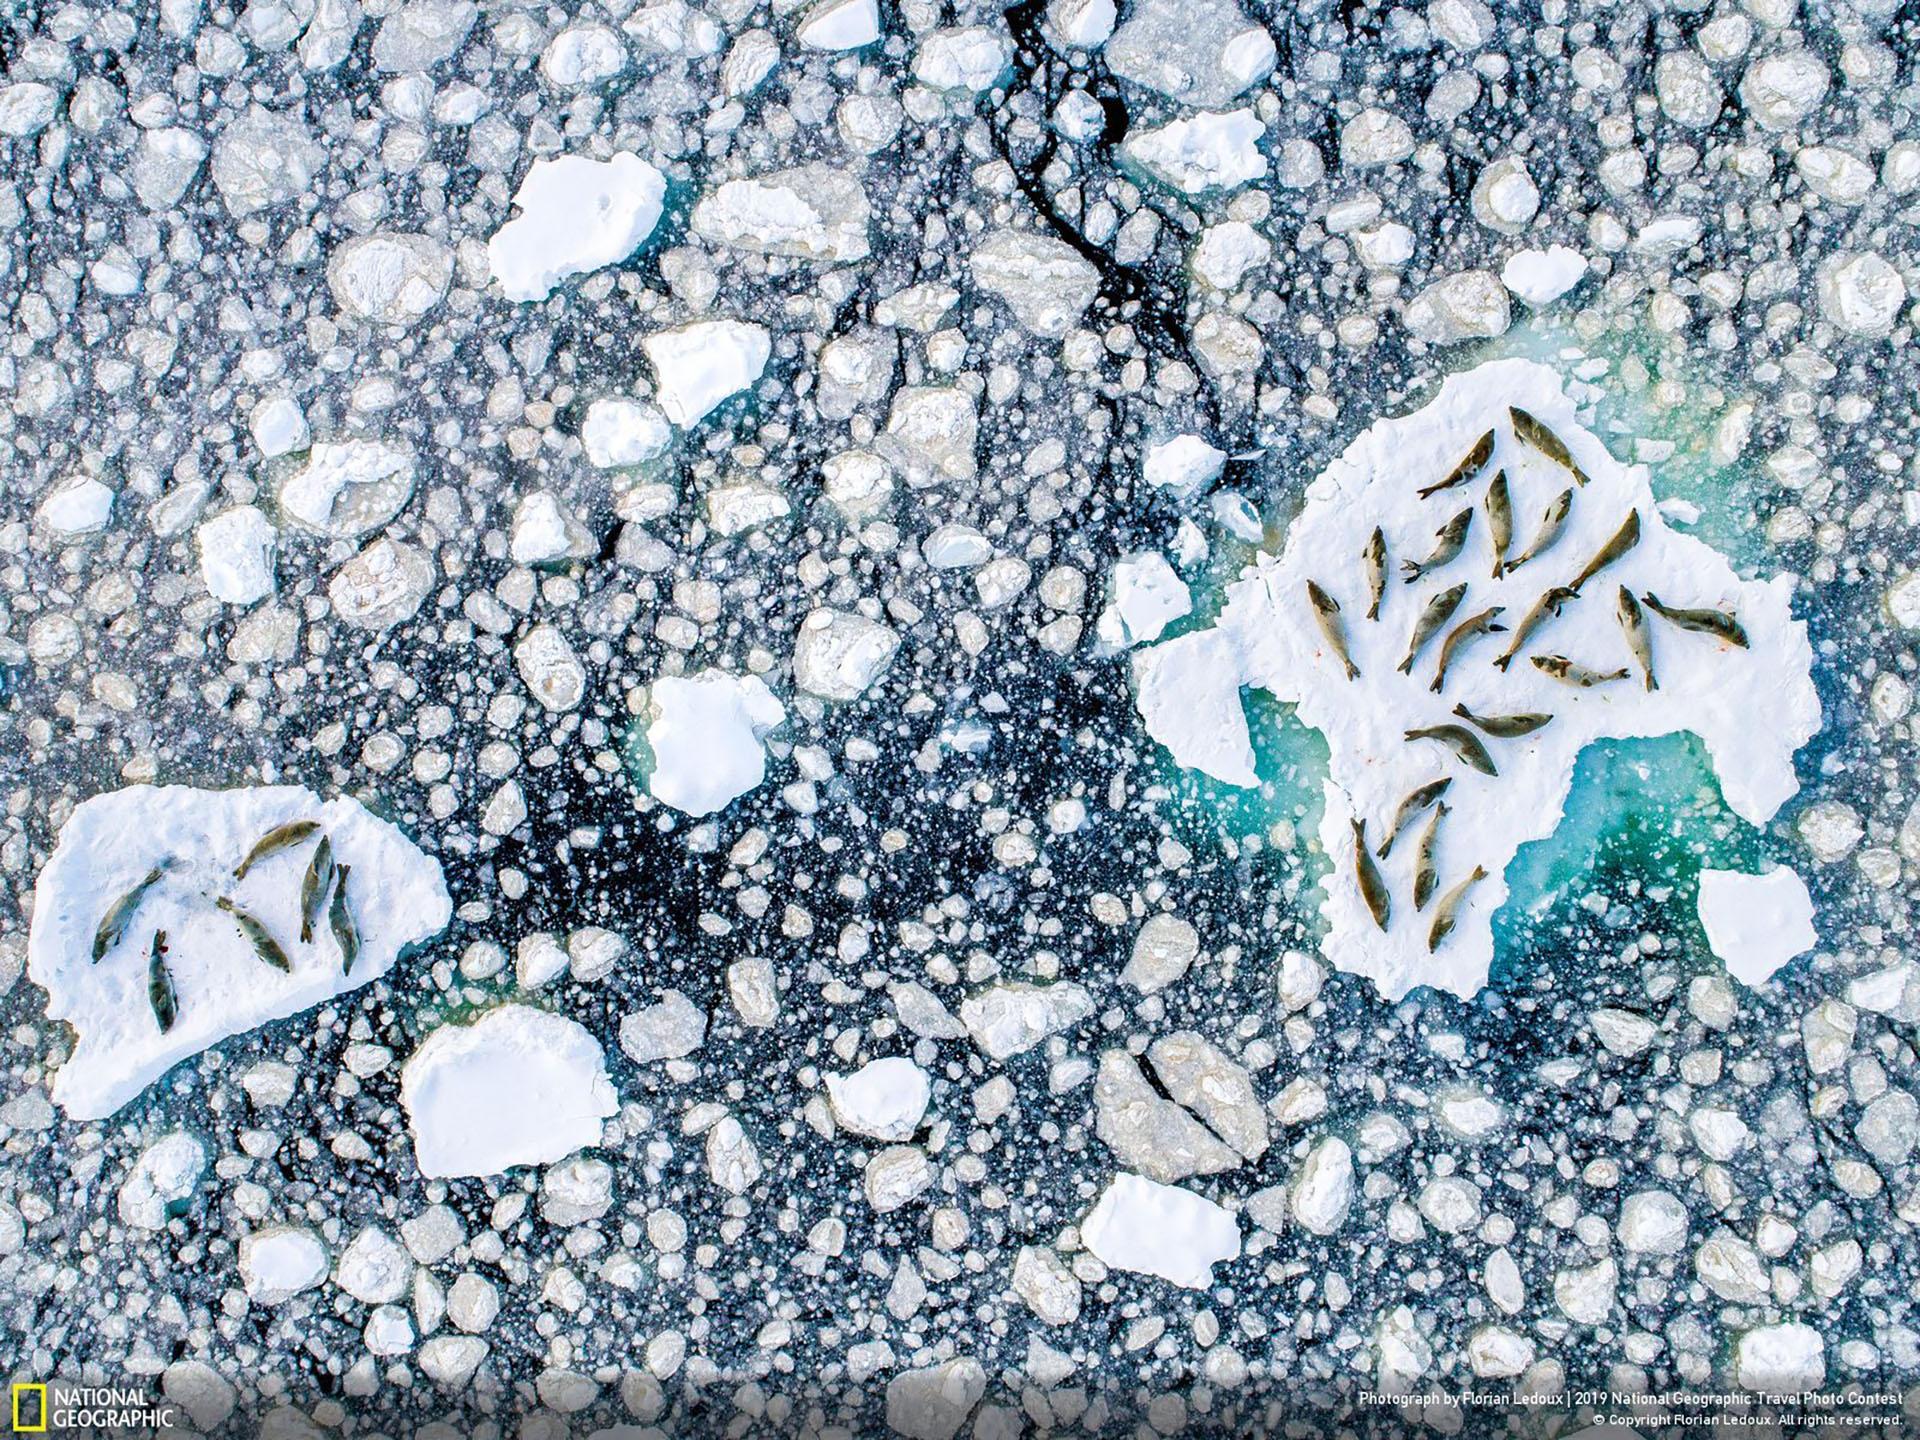 """""""El derretimiento de un lecho de hielo"""", por Florian Ledoux: """"Vista aérea de las focas cangrejeras, mientras descansan en el hielo roto de la Península de la Antártida en diciembre. Los estudios han demostrado que tienen un patrón general de alimentación desde la salida del sol hasta el amanecer y descansar en el medio del día. Sus patrones cambian con la estación. Las focas cangrejeras usan mucho del hielo para descansar entre inmersiones, a medida que el hielo se derrite más y más, su futuro podría no ser tan prometedor a pesar de la gran cantidad de animales que hay"""". (""""Meltign Bed of Ice"""" / 2019 National Geographic Travel Photo Contest / Categoría: Naturaleza)"""